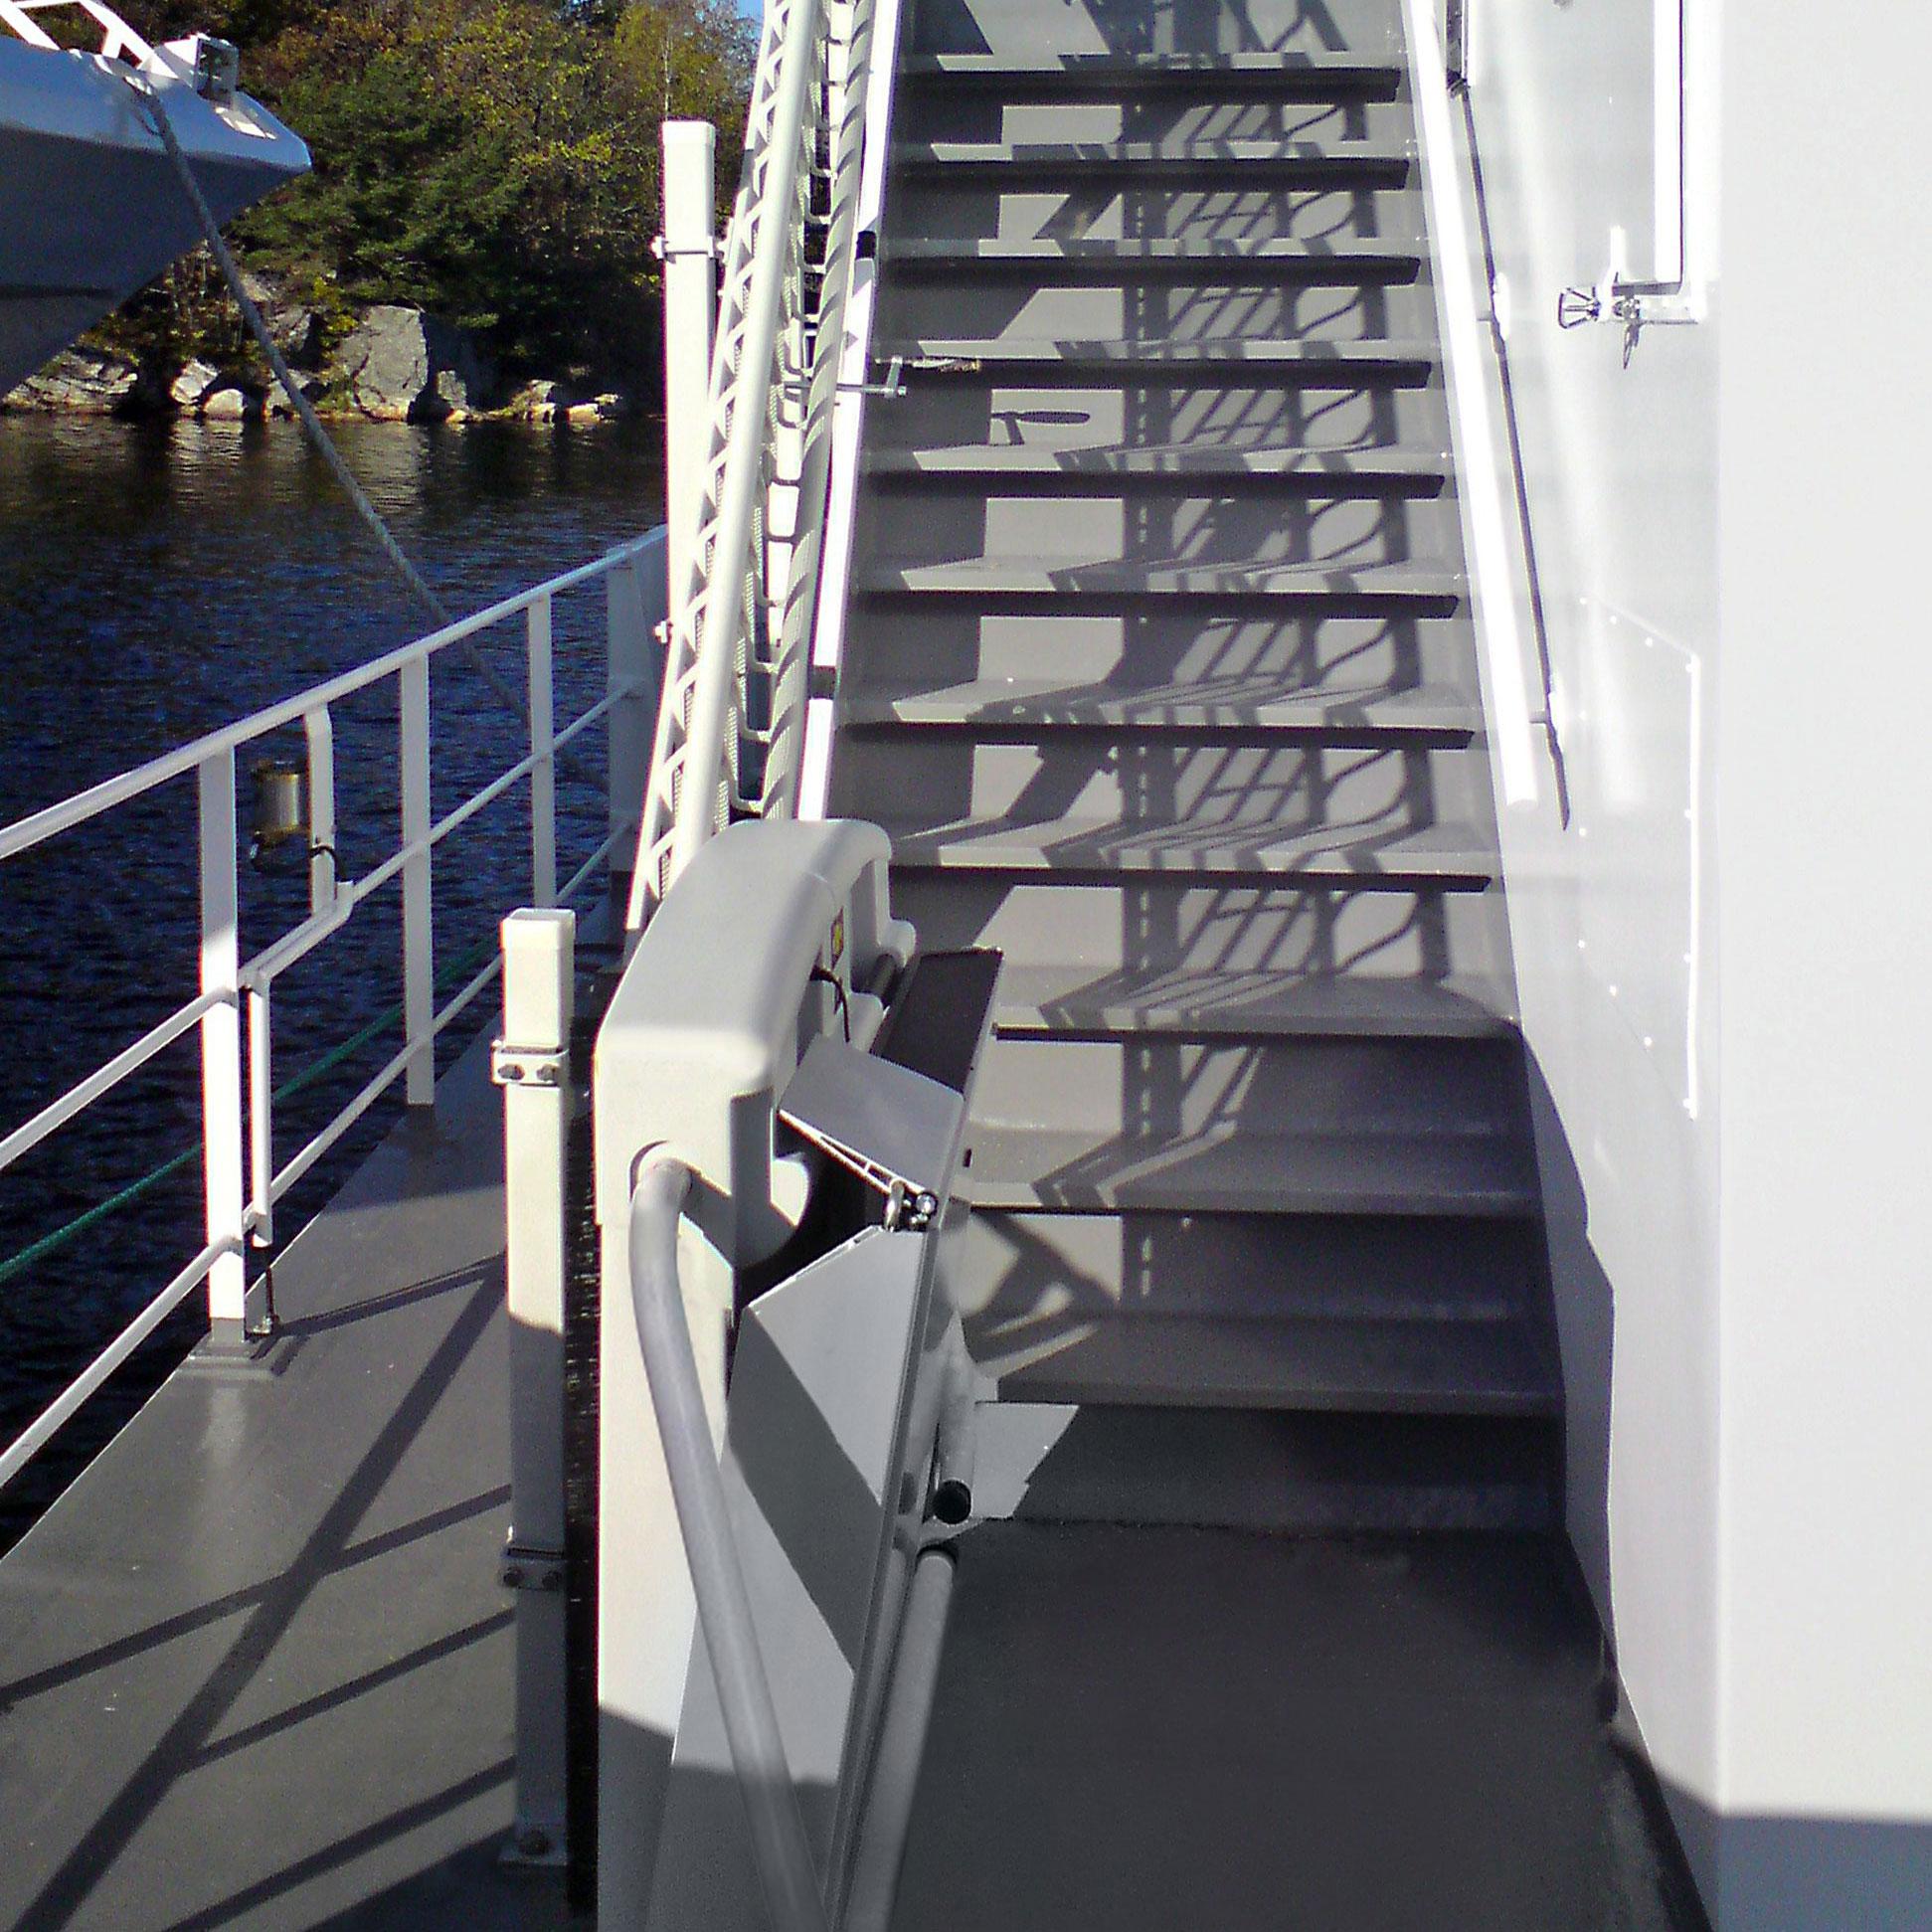 Plattformtreppenlift T80 auf dem Außendeck eines Kreuzfahrtschiffes.